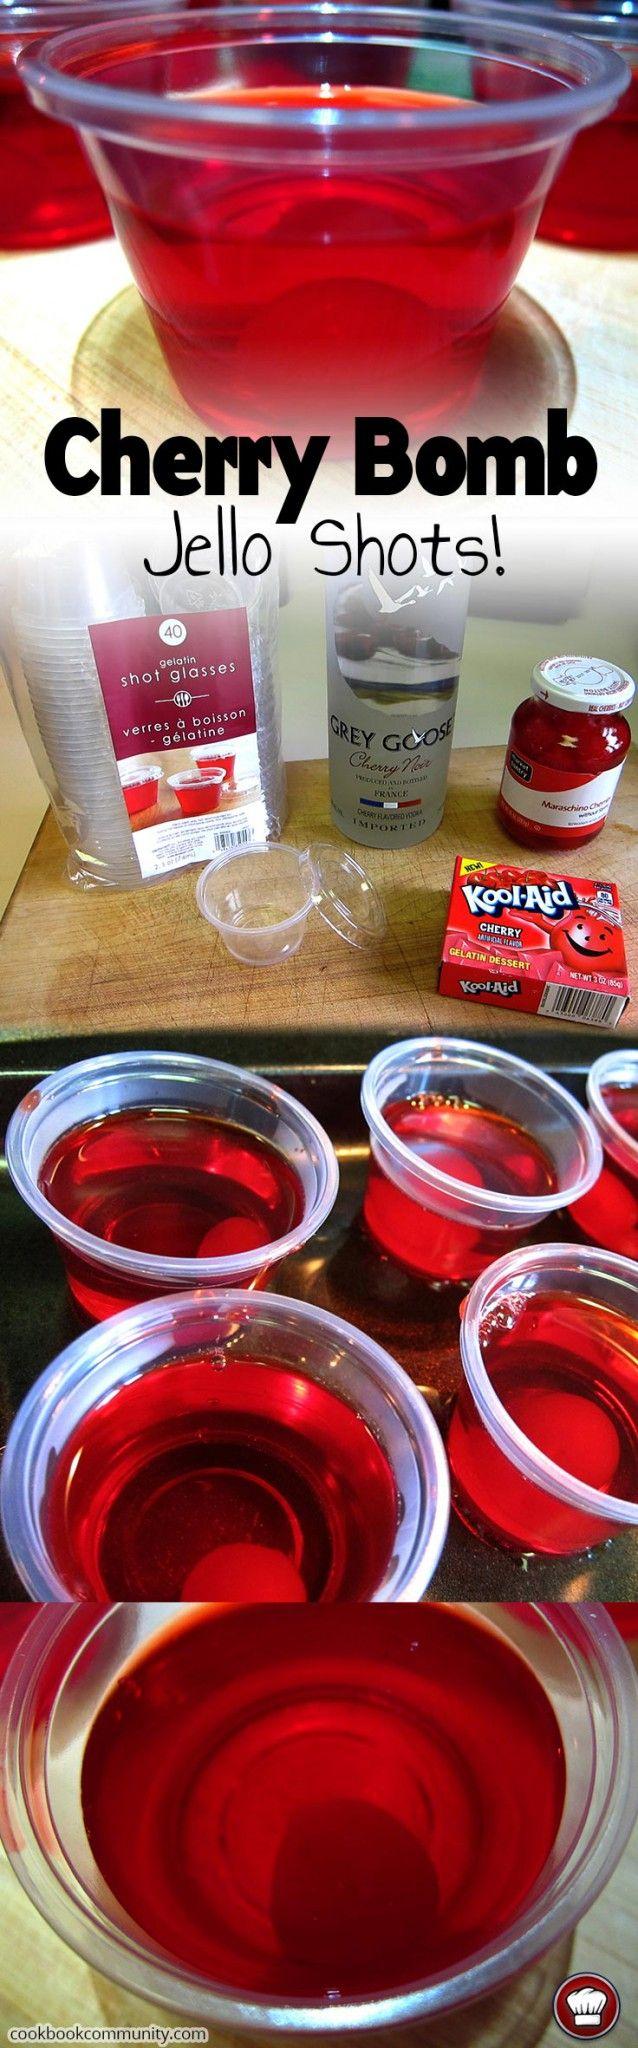 Cherry Bomb Jello Shots